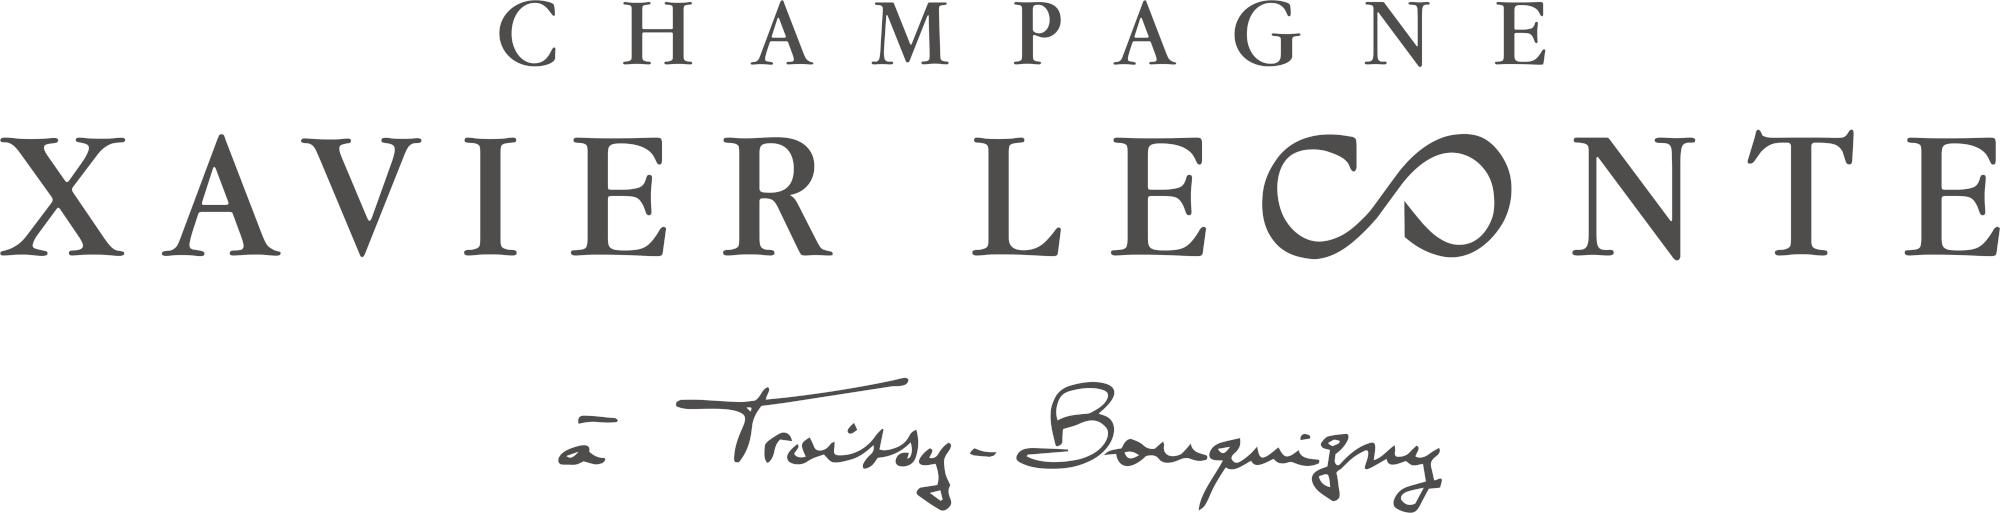 Xavier Leconte Champagne